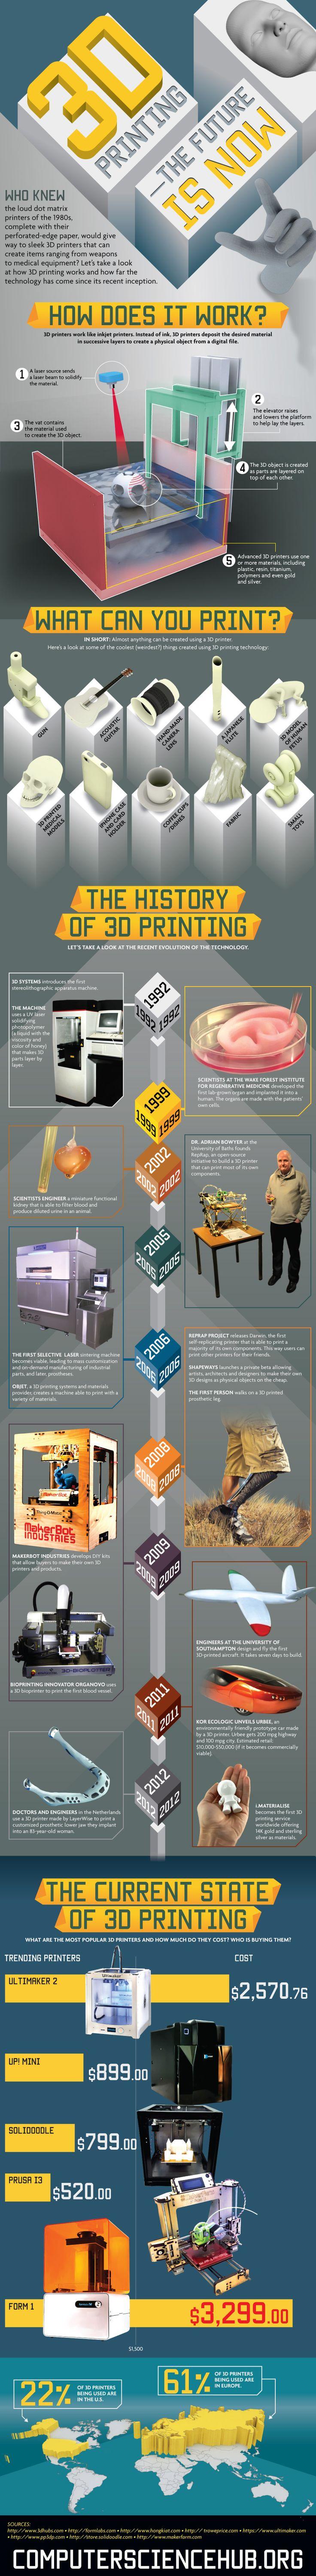 Impresoras 3D, historia y funcionamiento en una imagen.